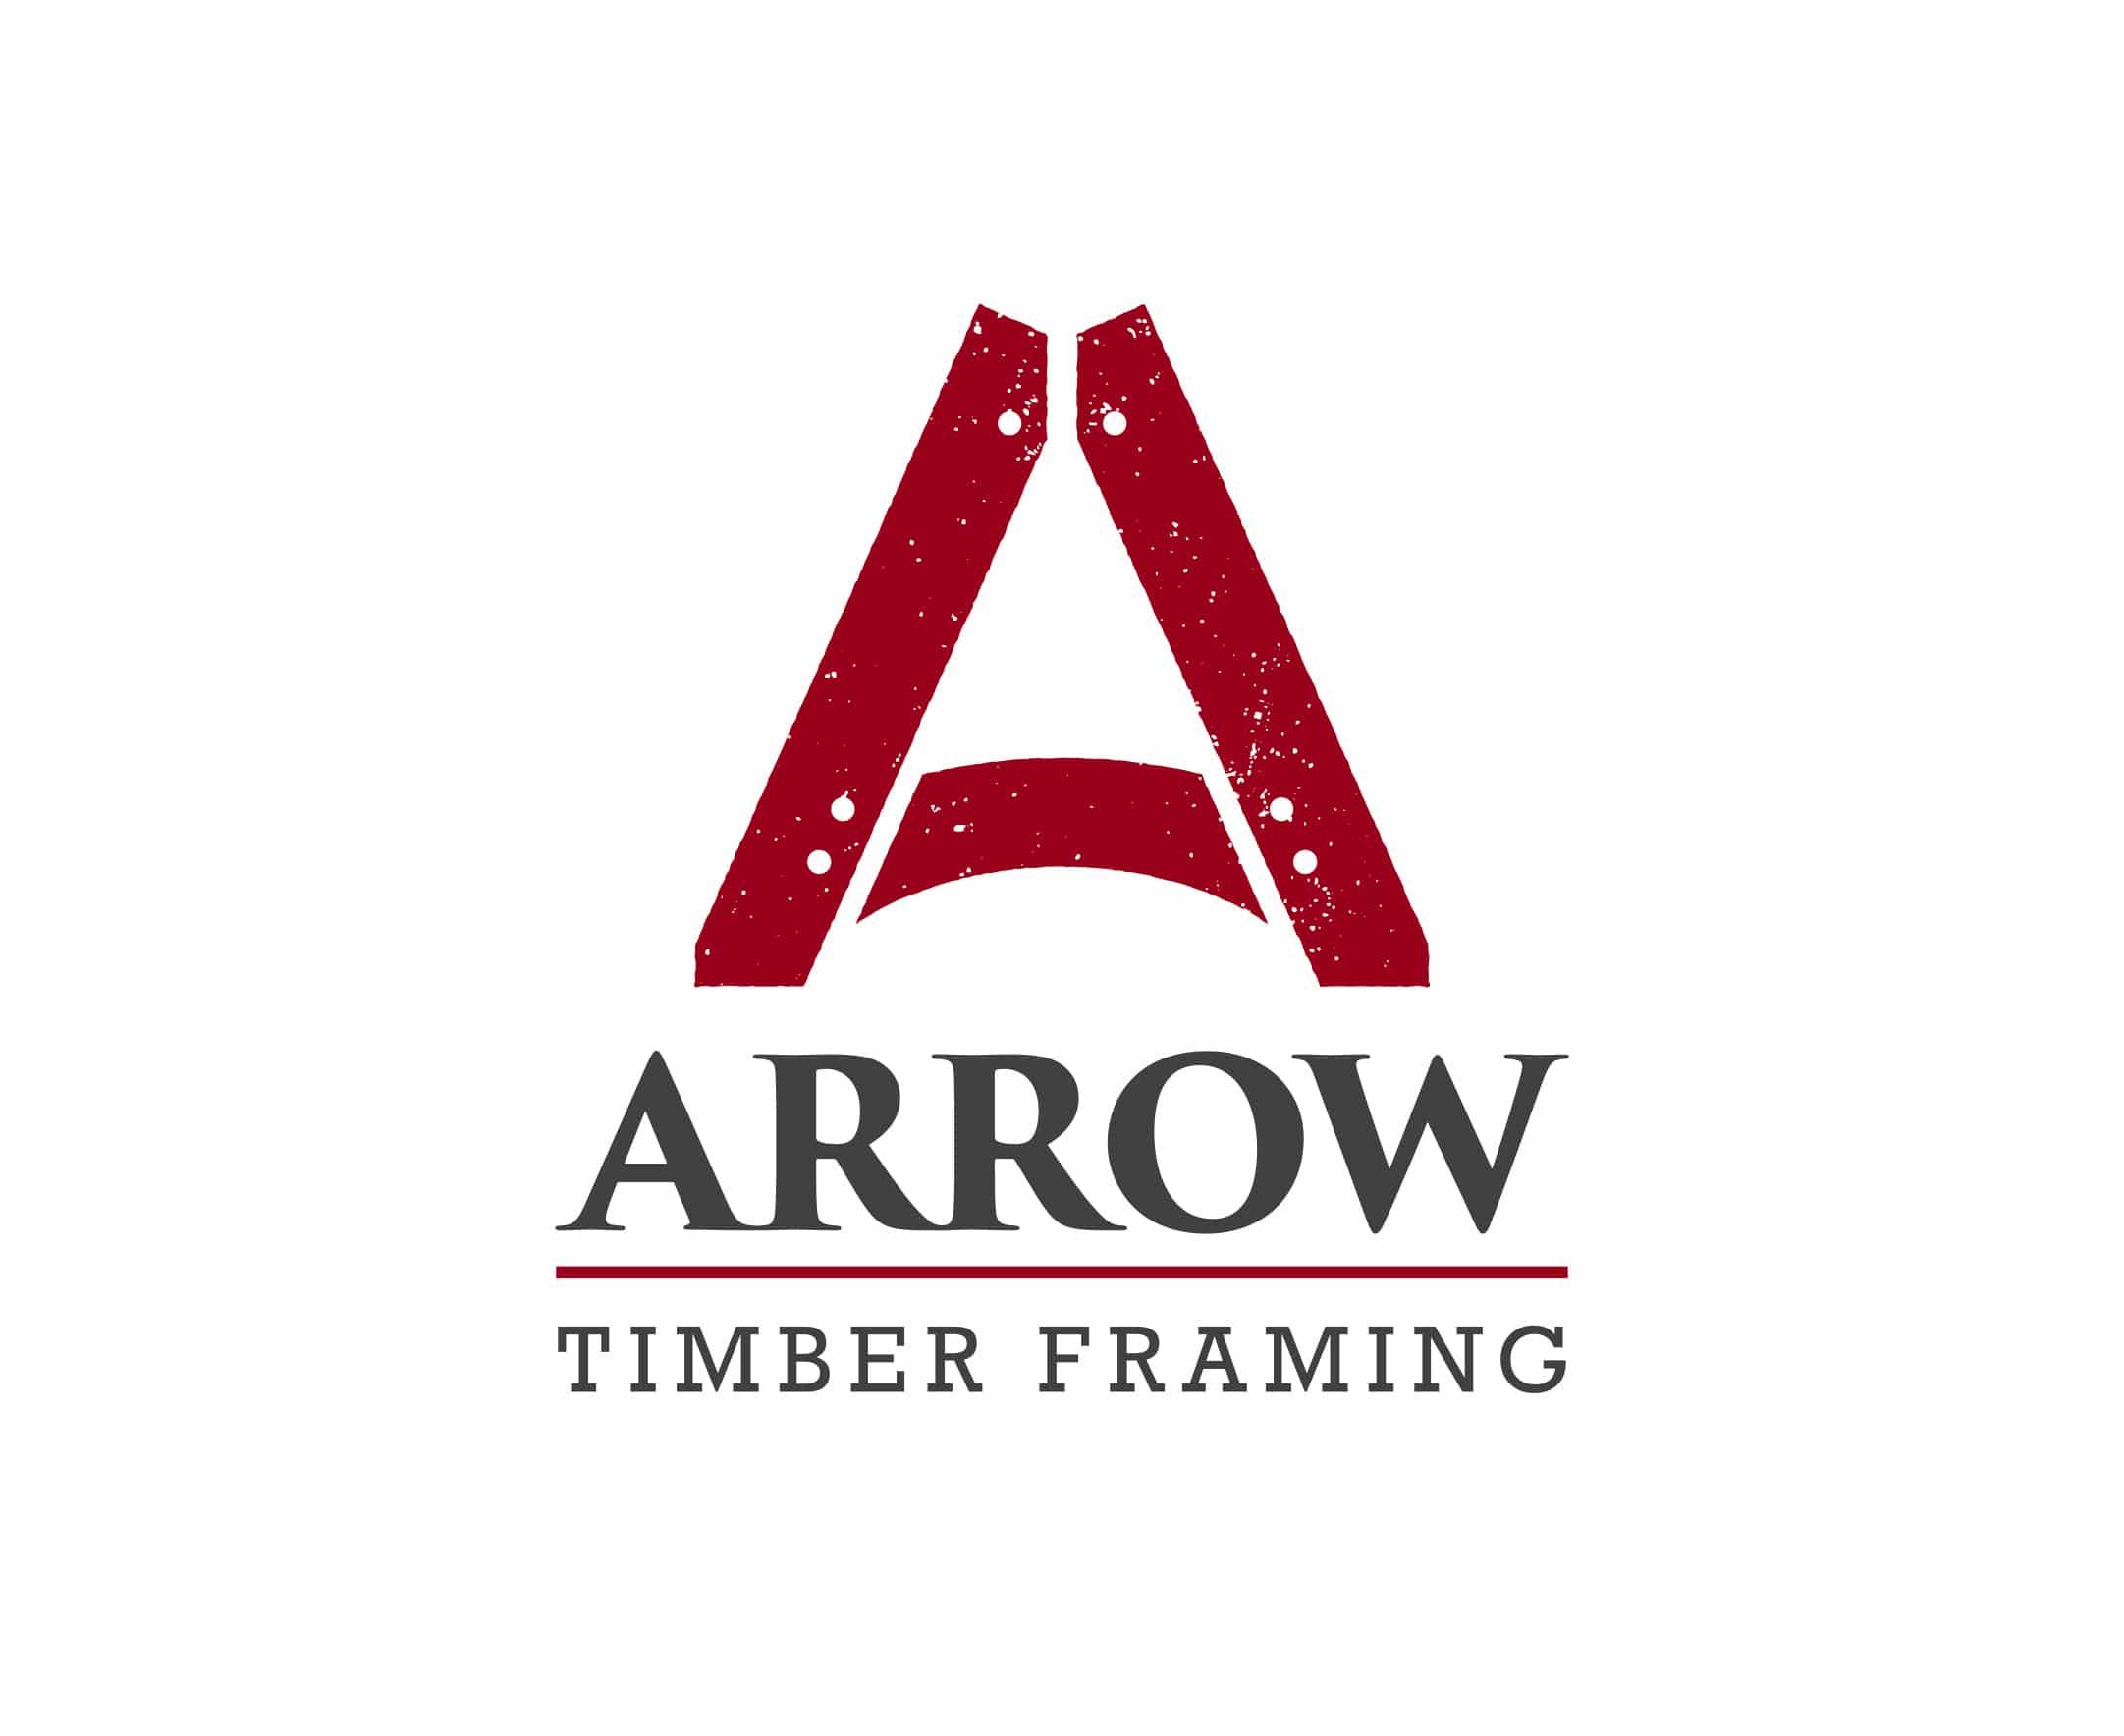 Arrow Timber